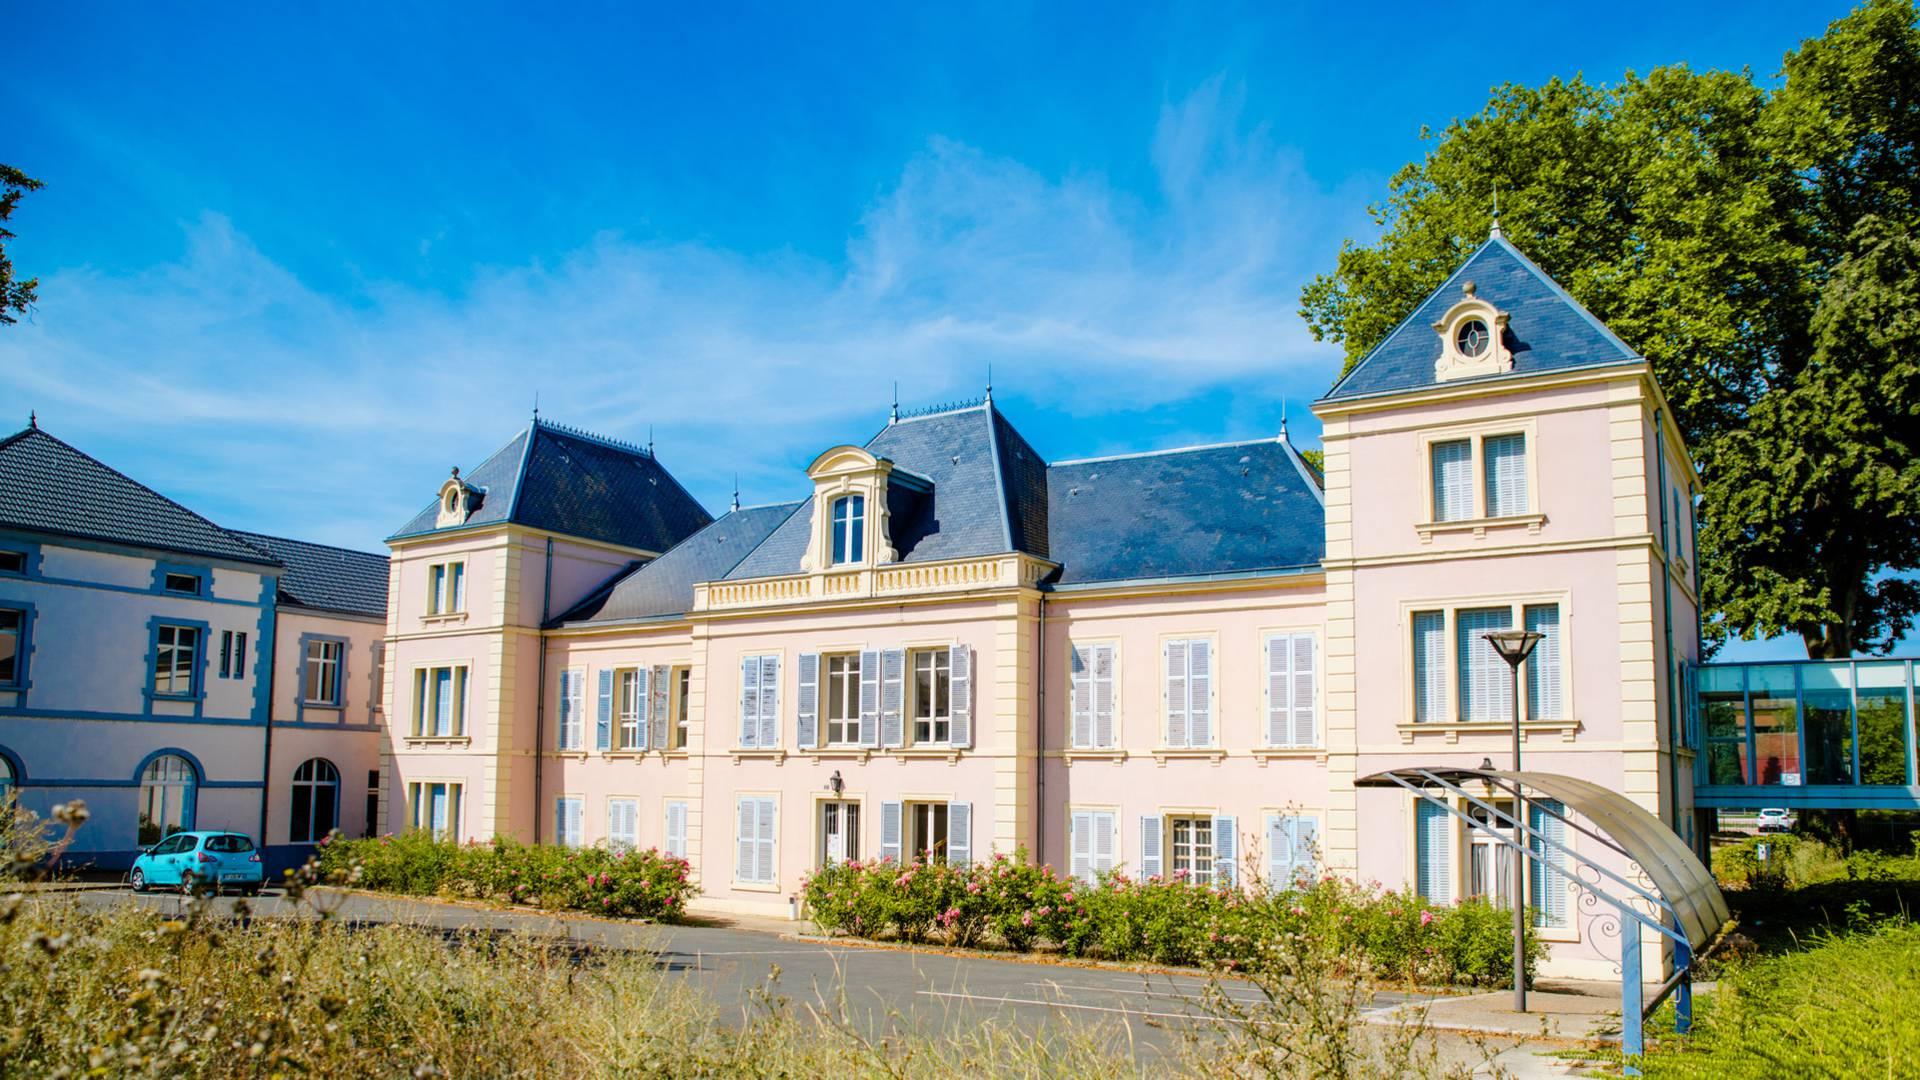 La maison d'administration rébovée, Montceau-les-Mines. © Franck Juillot.